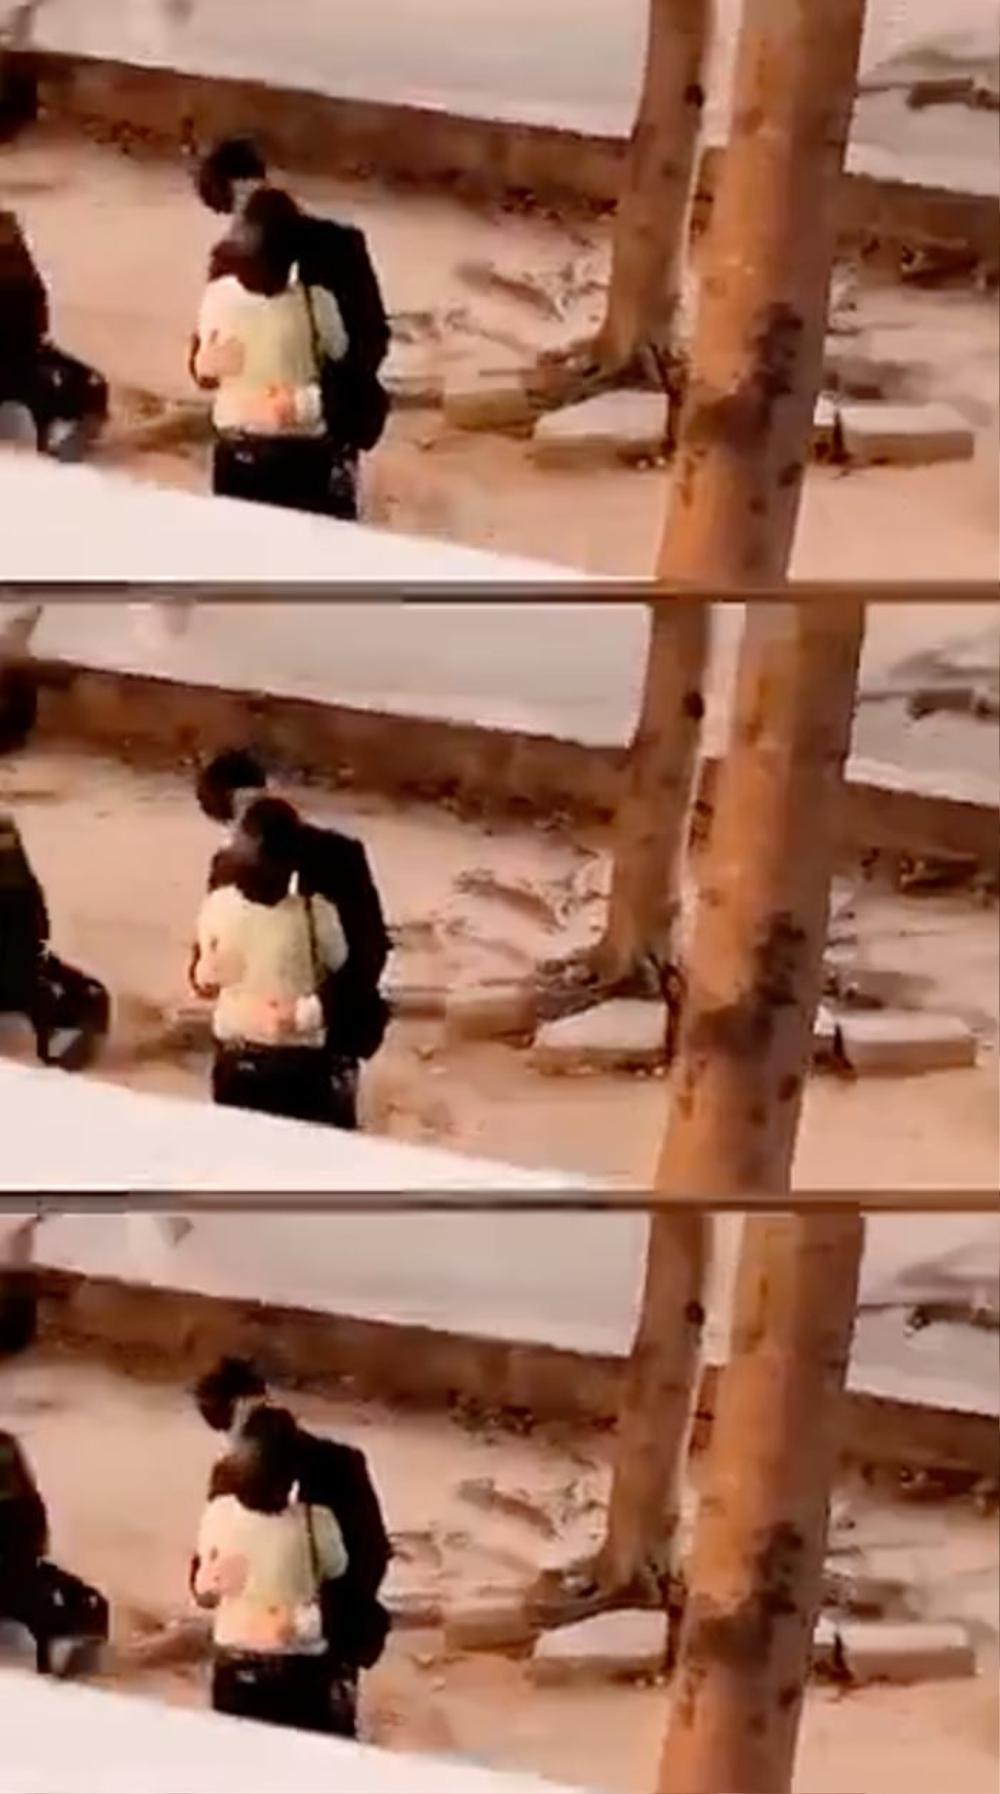 Hết chạm môi Tiêu Chiến, Dương Tử lộ ảnh hôn thắm thiết Tỉnh Bách Nhiên trong phim mới Ảnh 4